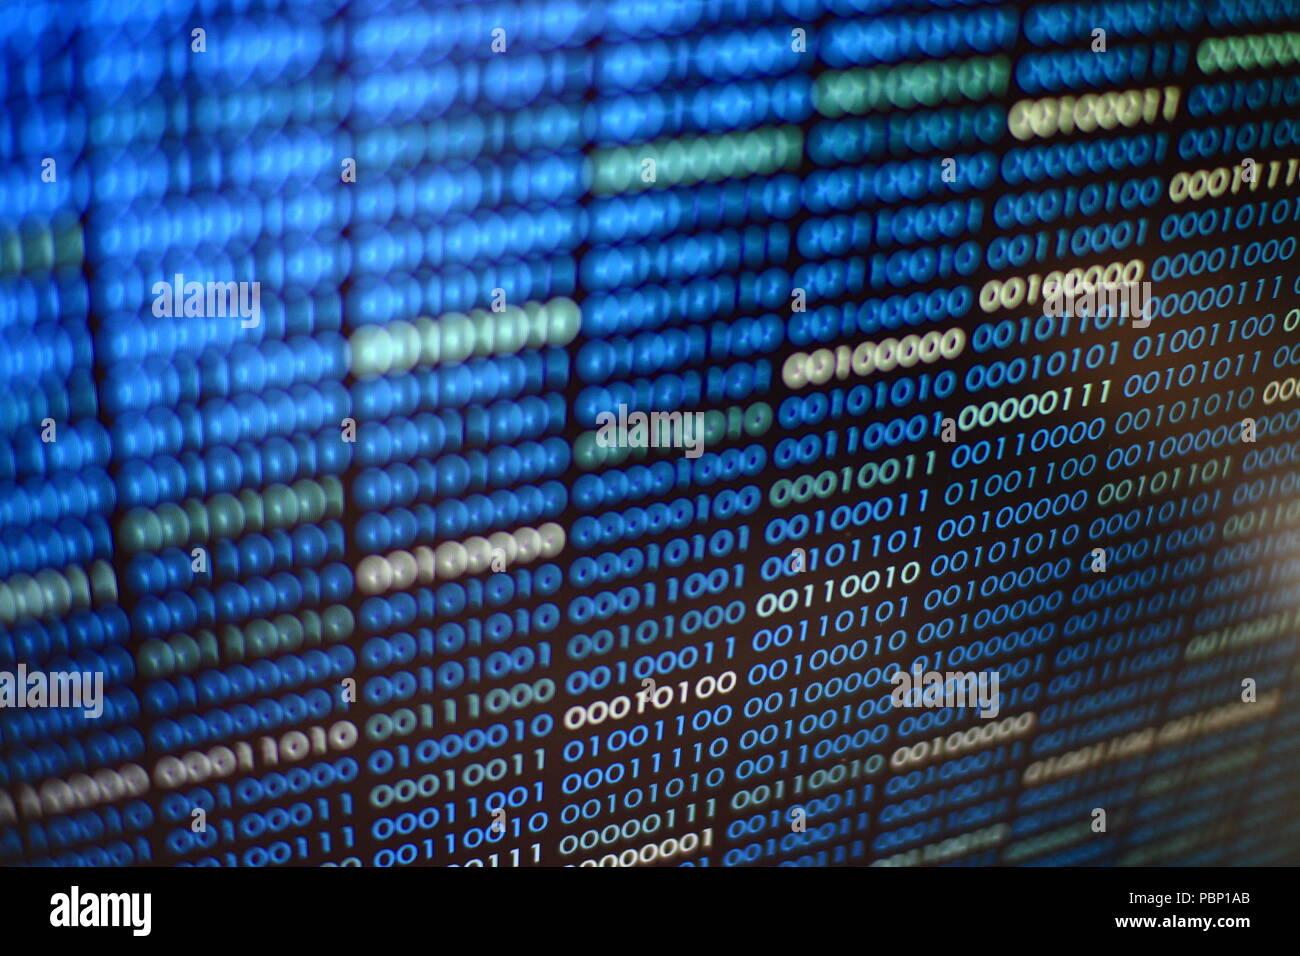 Código binario azul. bloques de datos binarios. Concepto Blockchain. fondo azul con equipo digital de código binario de bits de texto número uno y cero. Imagen De Stock